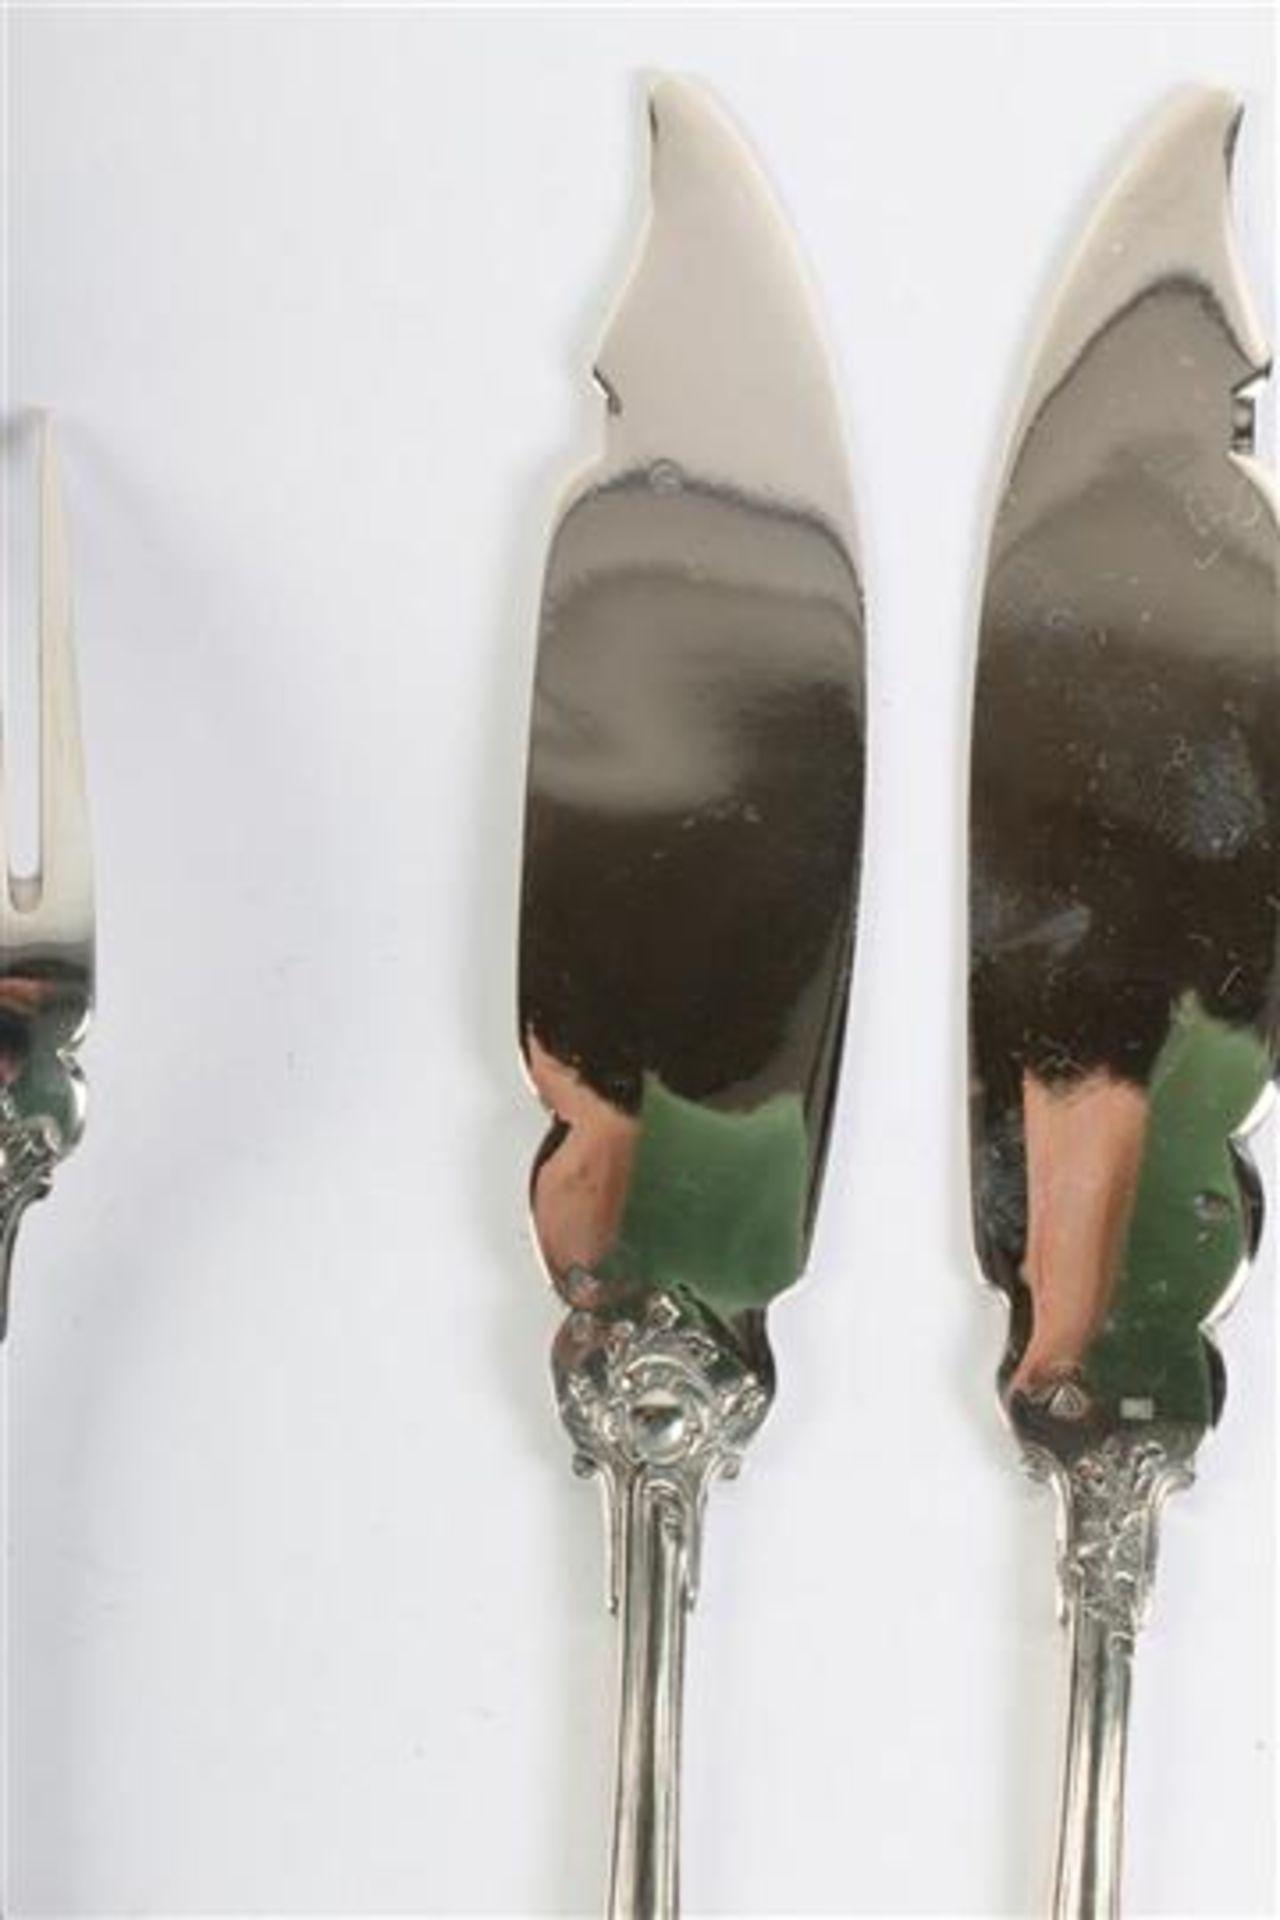 Zes viscouverts, gemerkt 800, Wolfers Brussel. Gewicht: 690 g. - Bild 6 aus 8